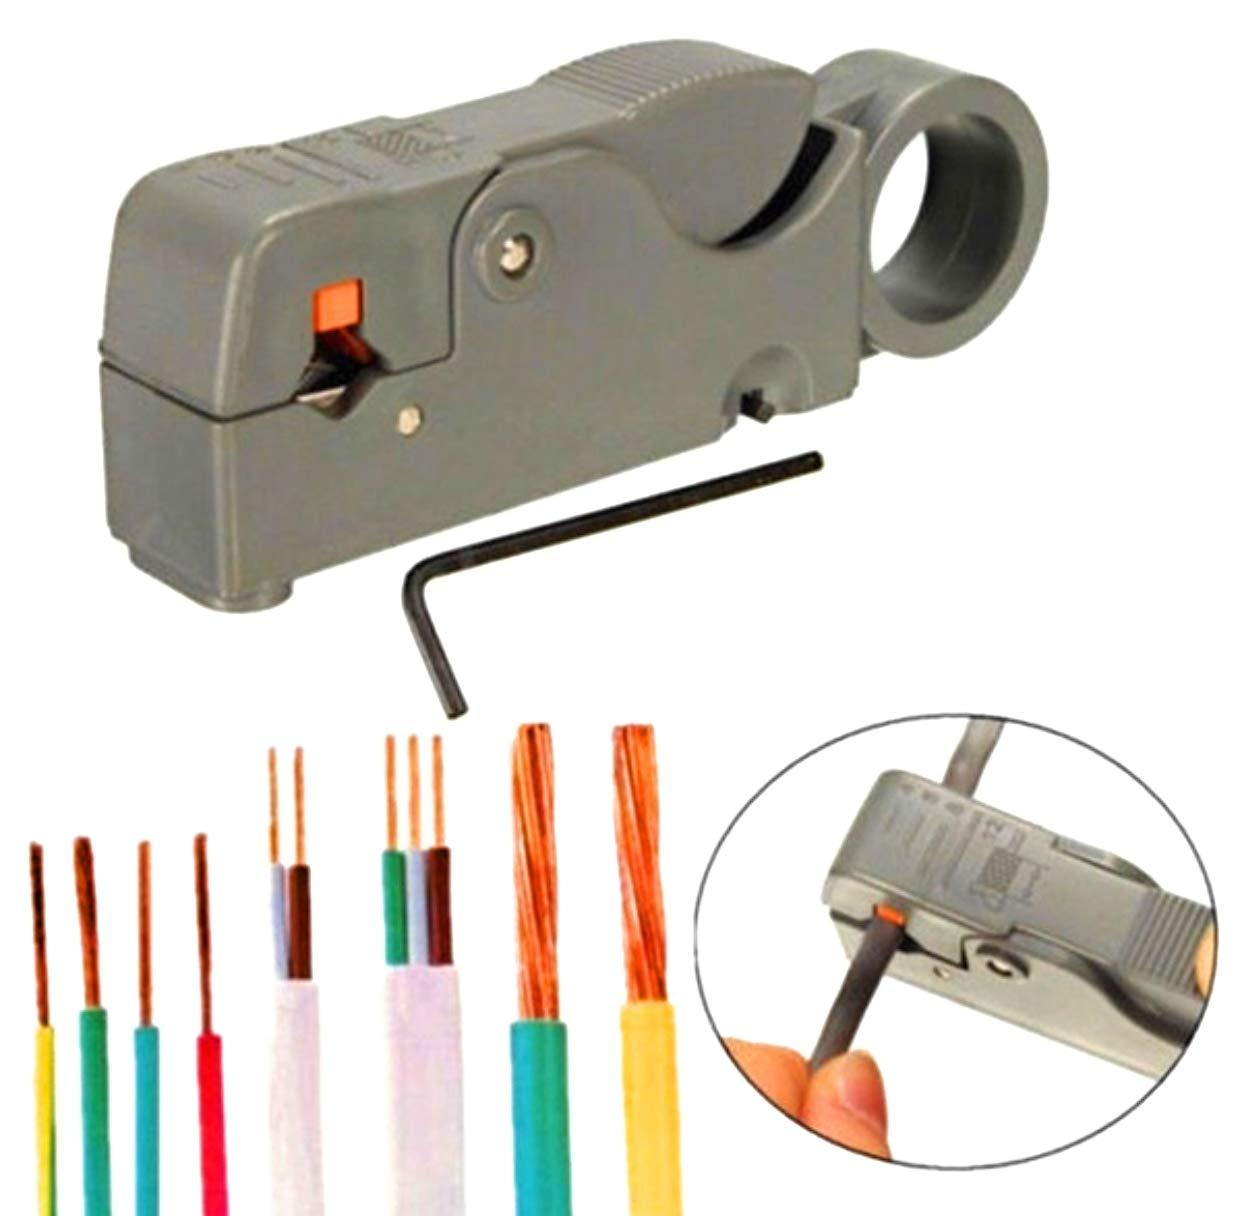 Pince /à d/énuder automatique Outil de coupe et de sertissage de c/âble r/éseau /à r/églage automatique par GEZICHTA